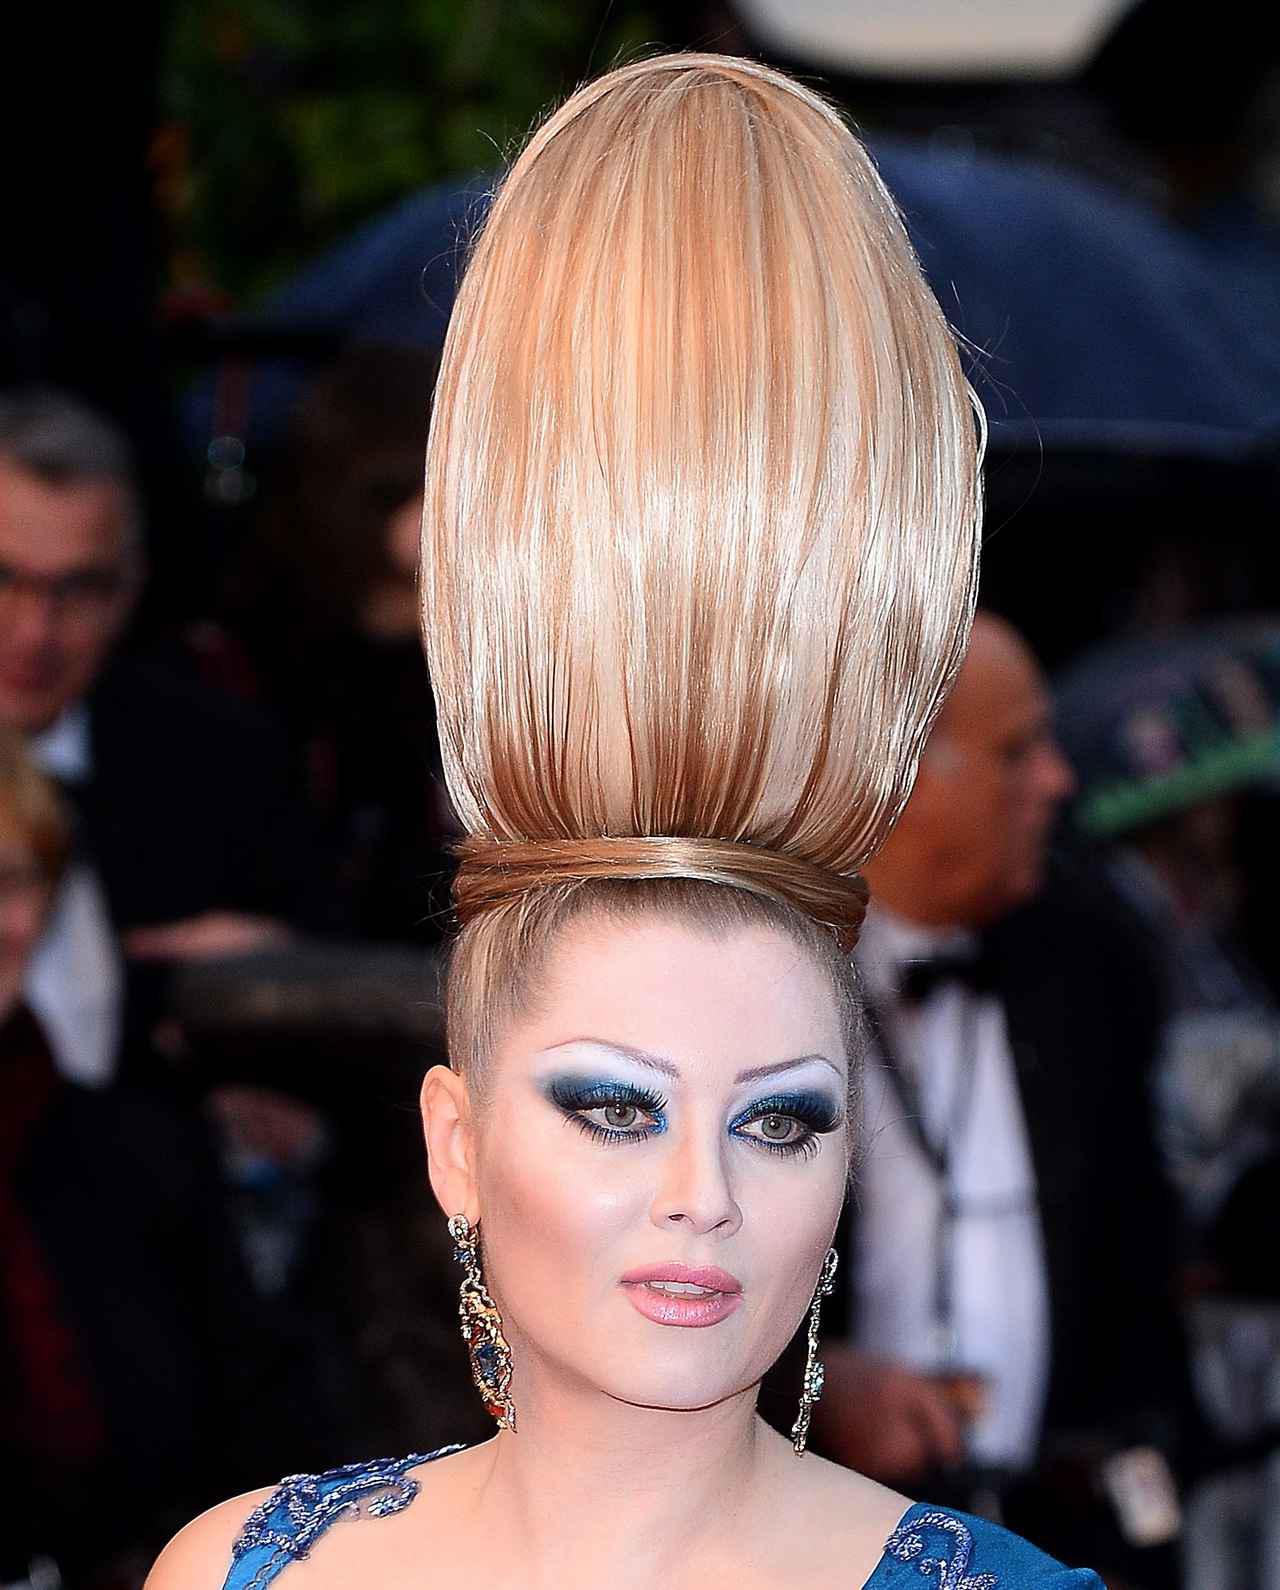 画像6: エレナ・レニーナのド派手なヘアスタイル